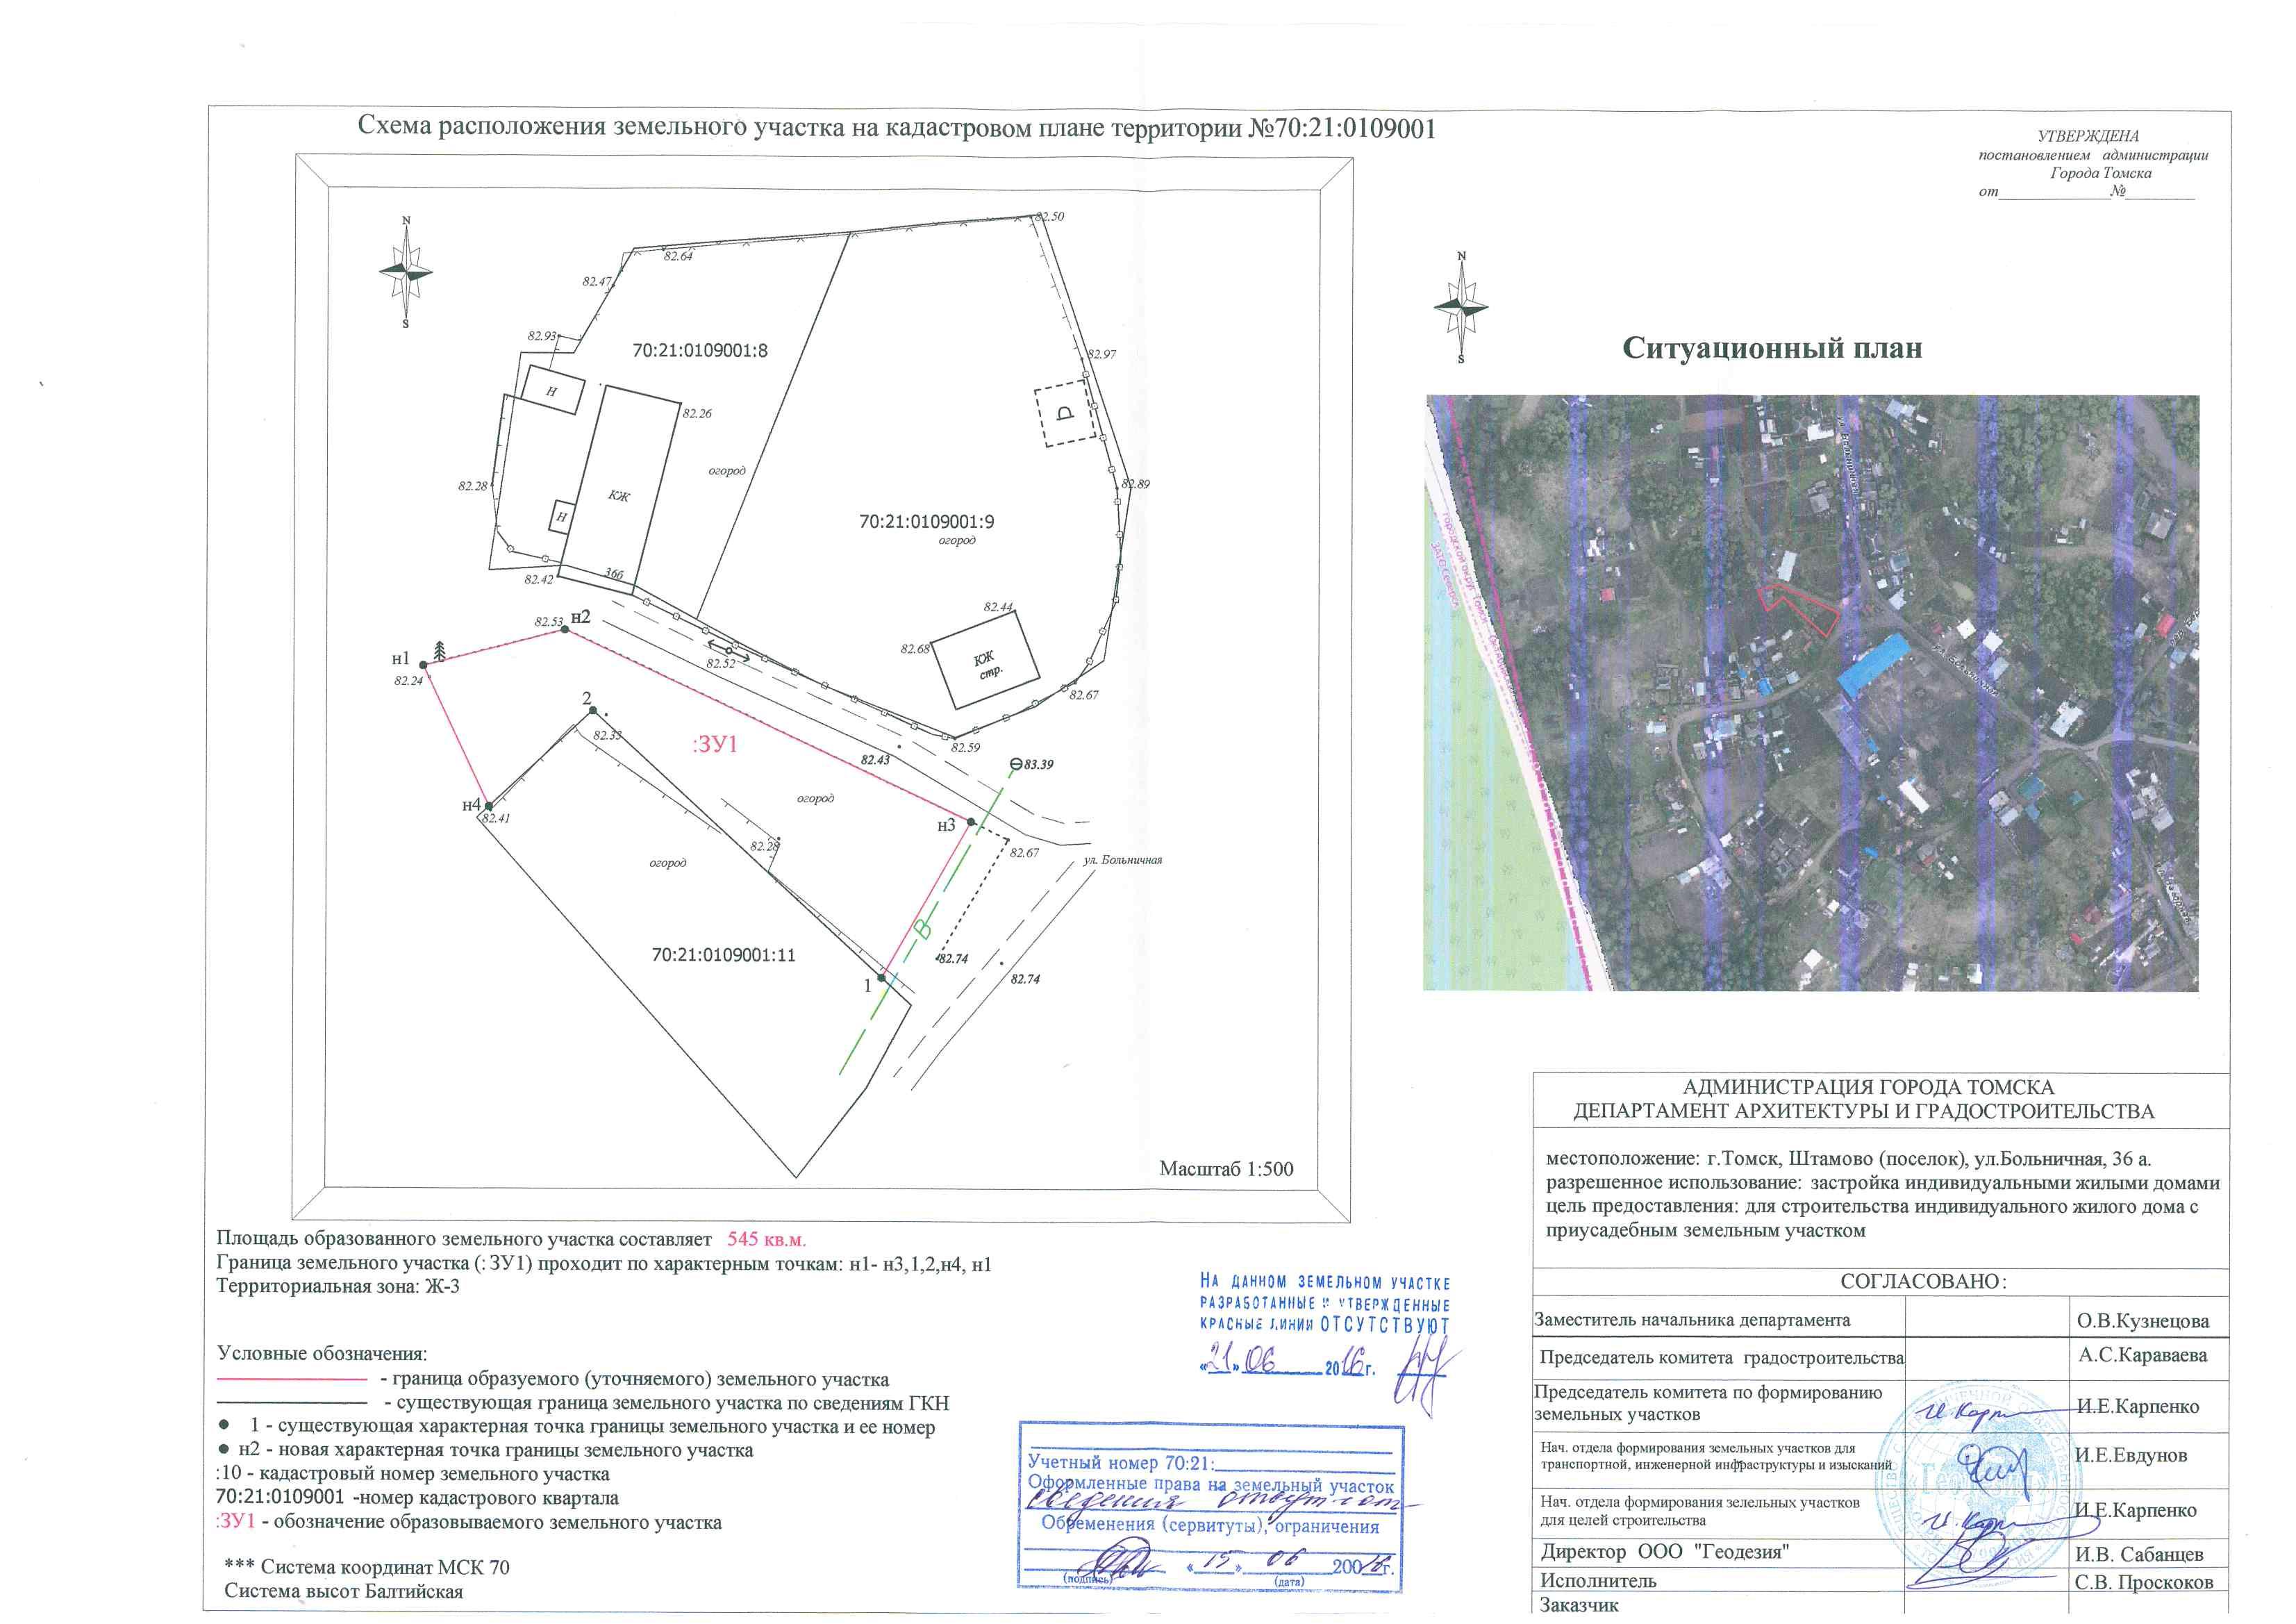 Схема расположения сервитута на кадастровом плане территории